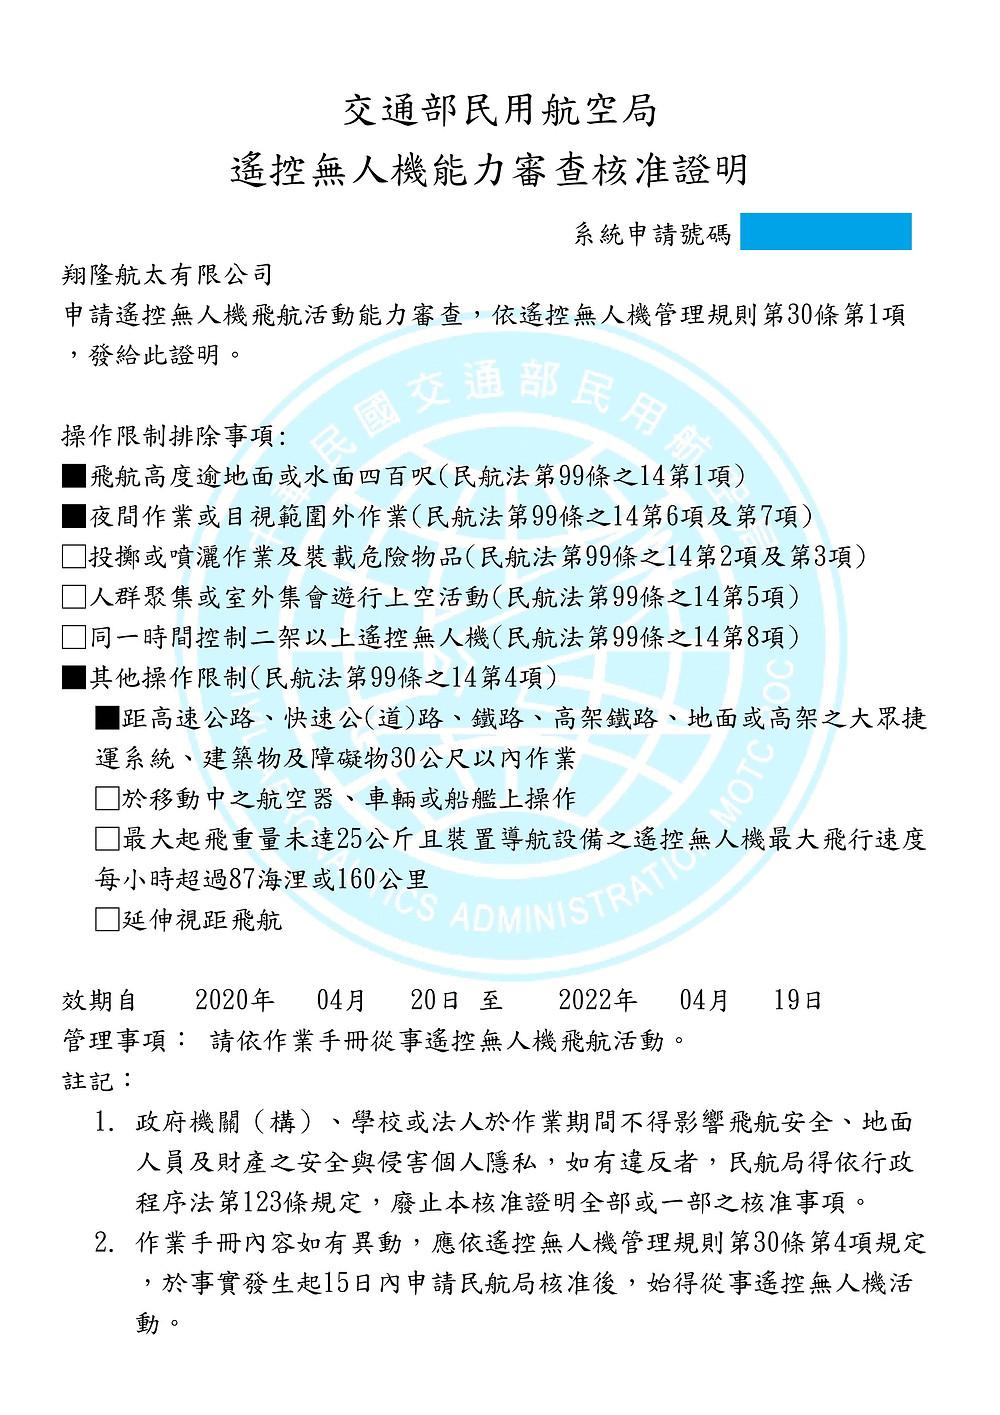 翔隆航太的法人能力審查核准證明書。來源:翔隆航太,未經許可請勿以任何形式轉載。